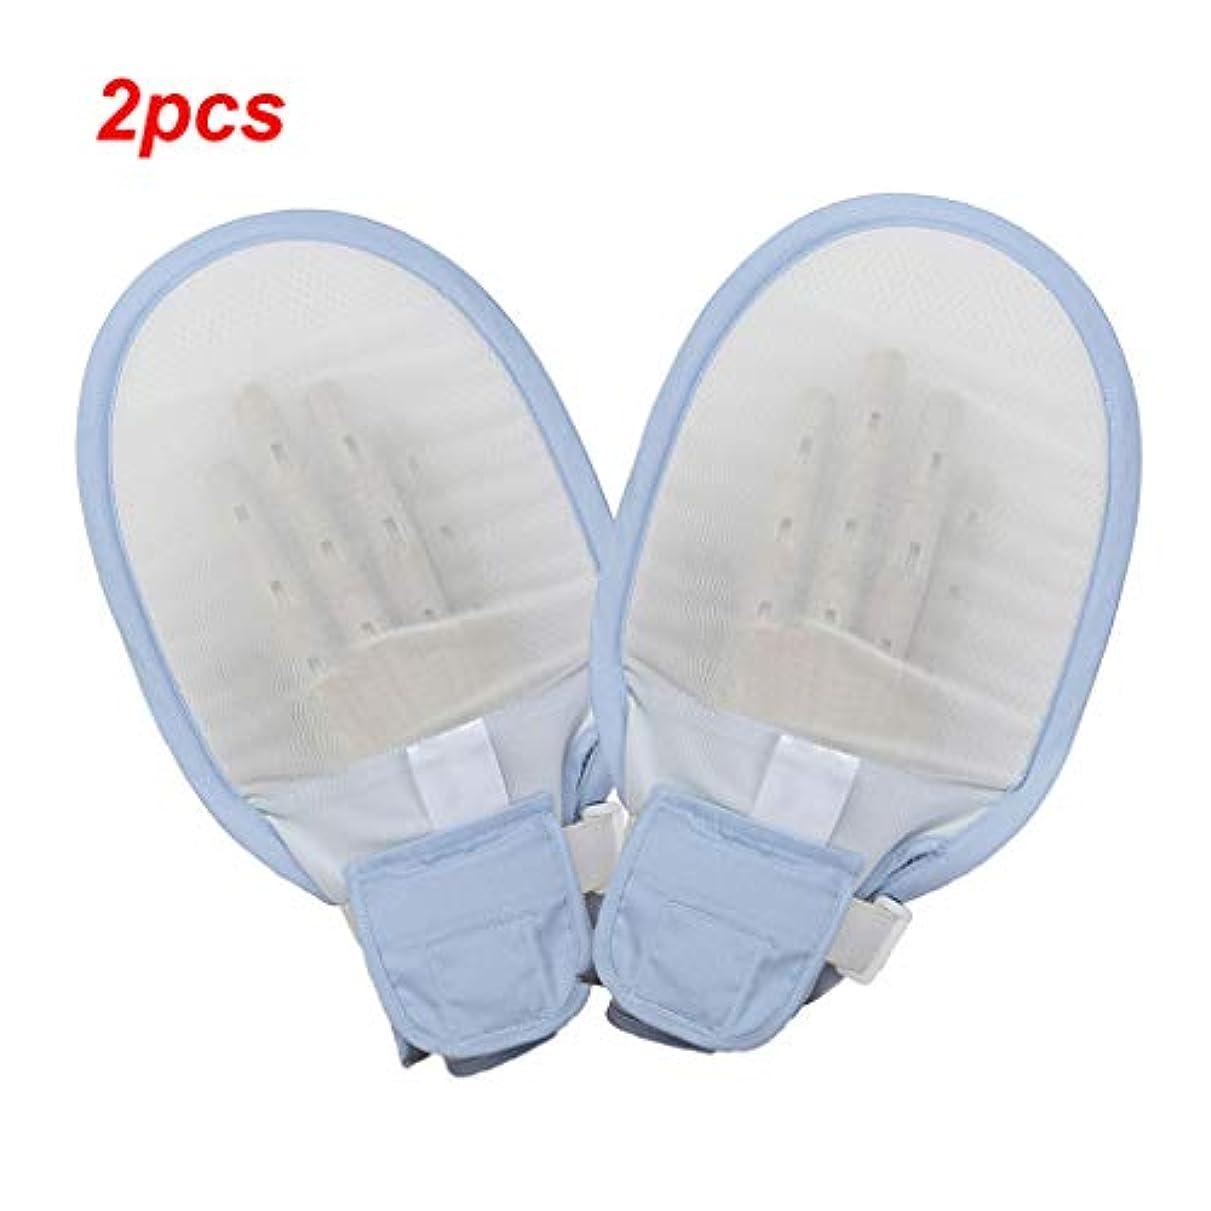 近傍ヘアのみソフト保護手袋 - 患者および高齢者のための3Dメッシュアンチスウィング患者自己傷害、アンチグリップ、通気性および乾燥性,2pcs